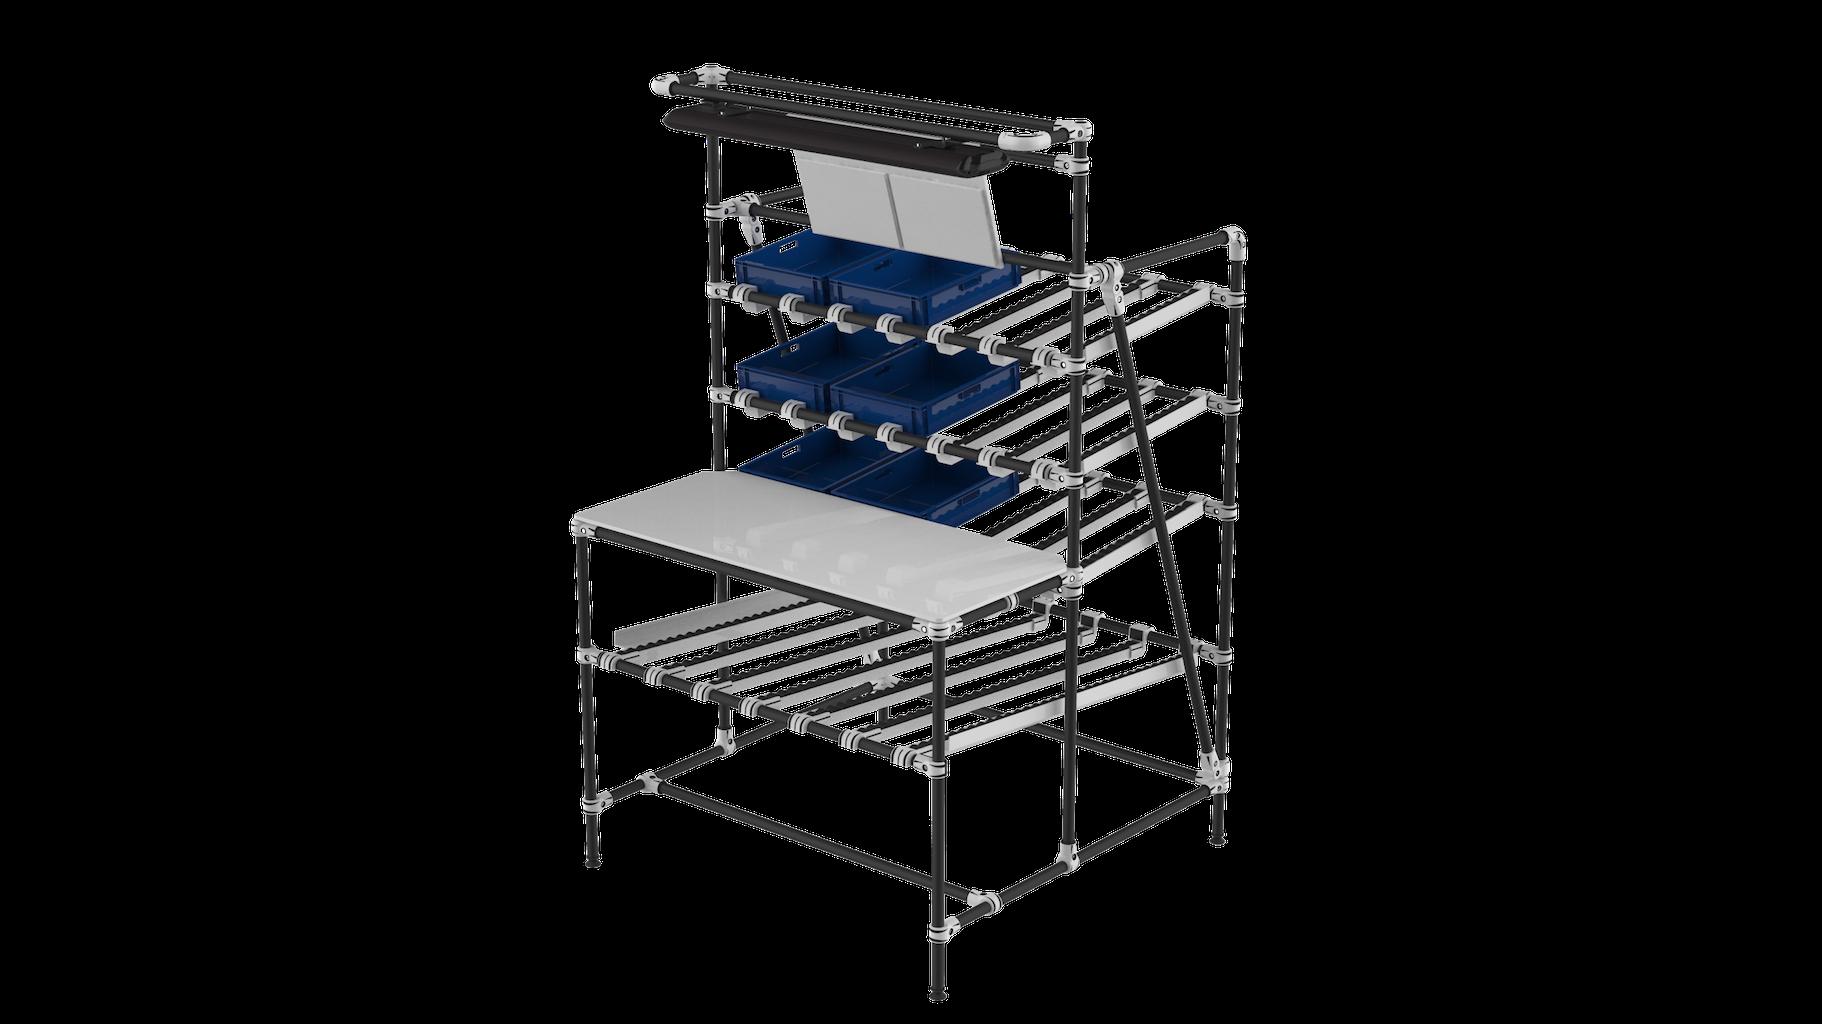 Workstation flow rack